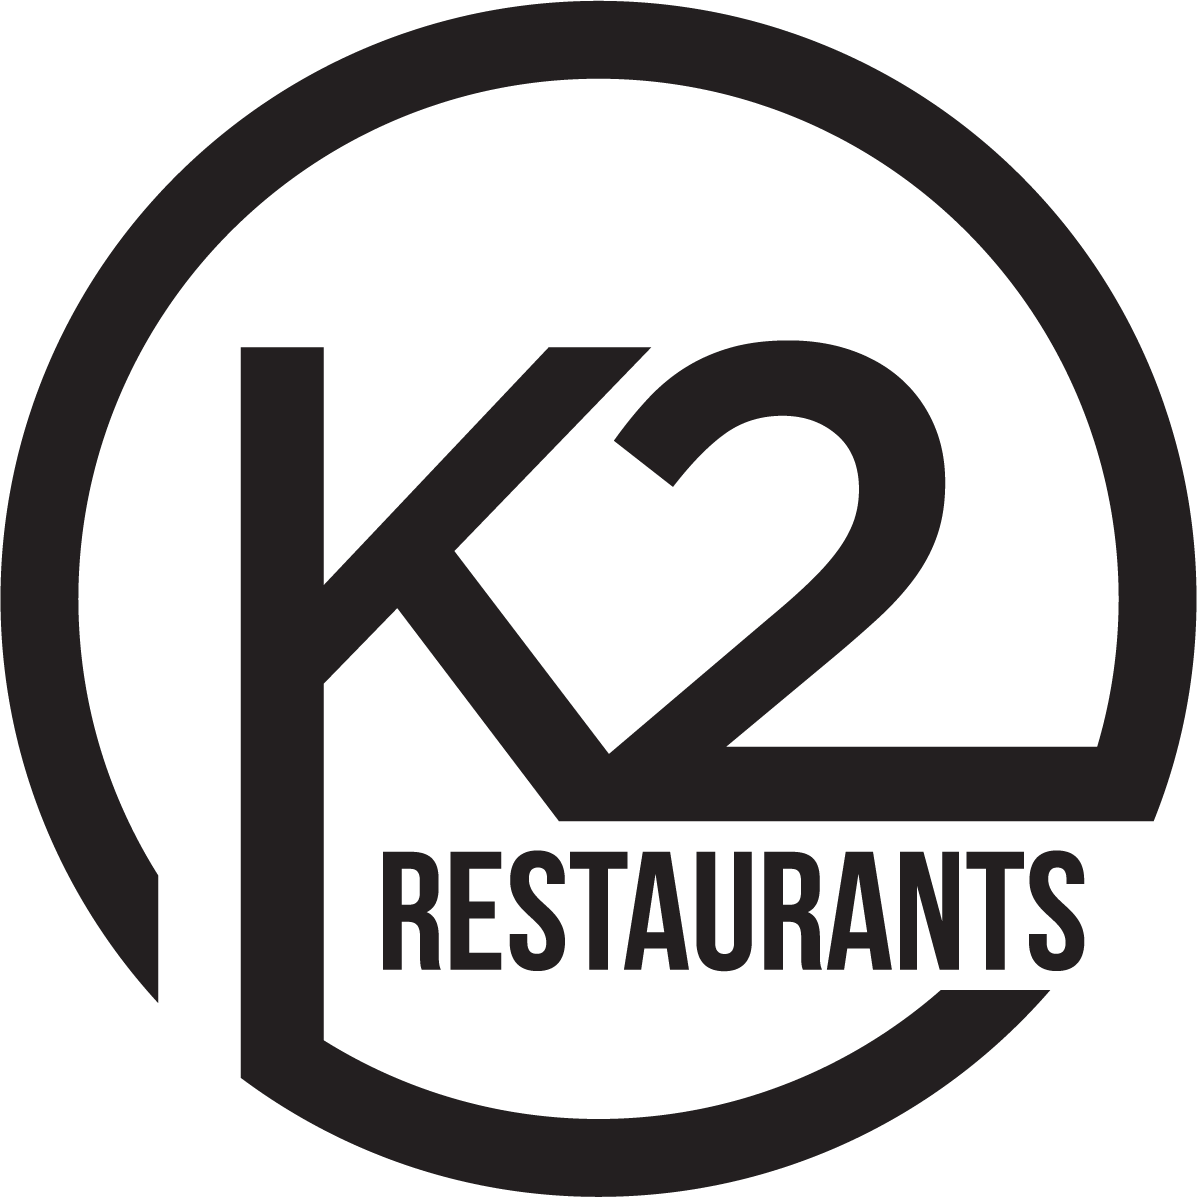 K2 Restaurants